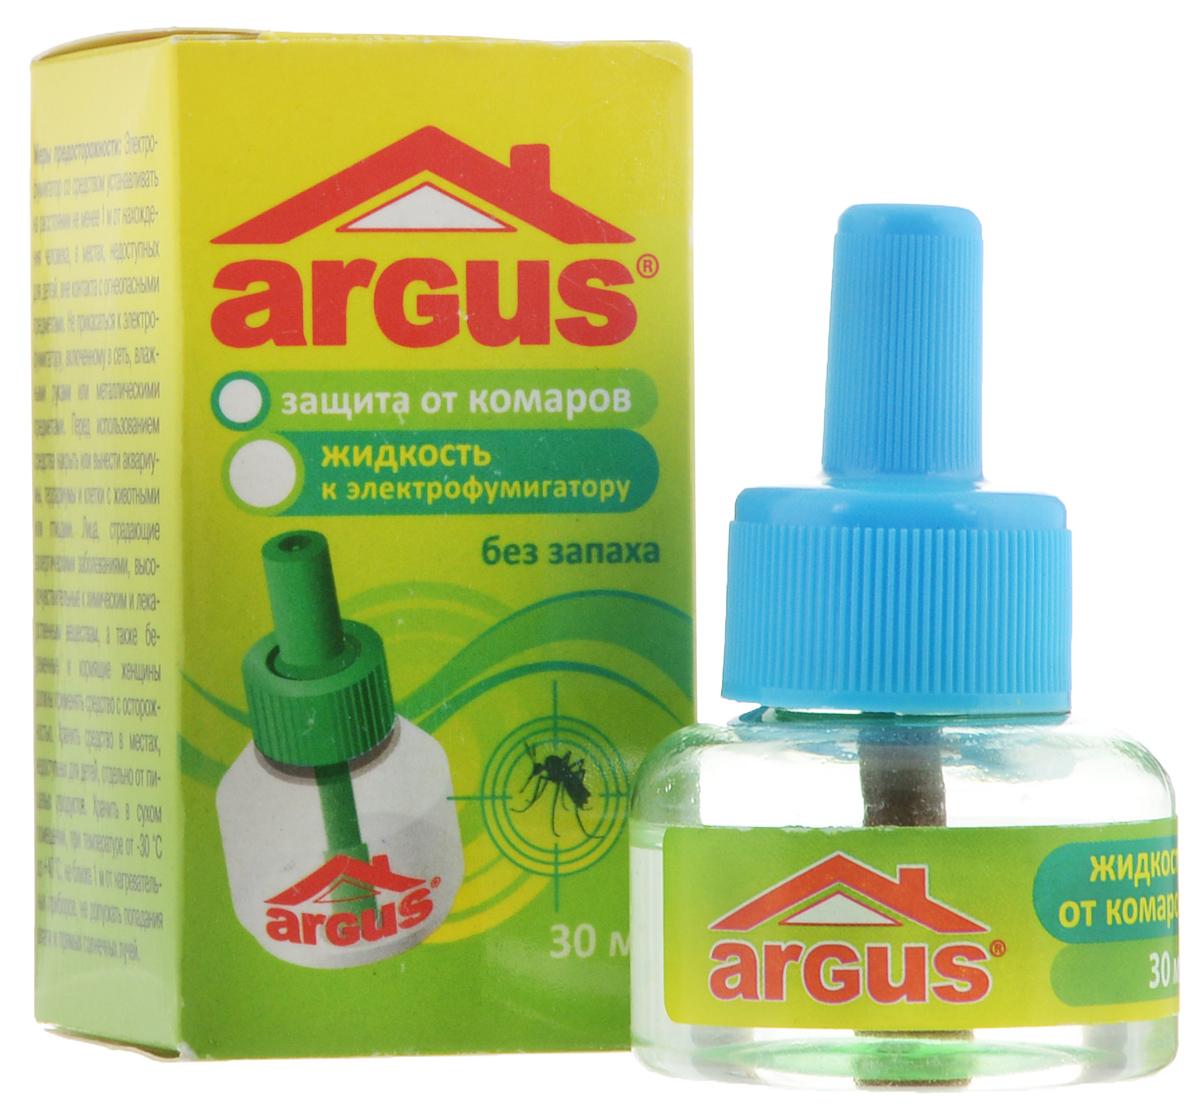 Жидкость от комаров Argus, без запаха, 30 млСЗ.010009Жидкость Argus предназначена для уничтожения комаров. Устанавливается к электрофумигатору (в комплект не входит). Один флакон рассчитан не менее чем на 360 часов. Использование жидкости с фумигатором в течение 30 минут обеспечивает полную гибель мух, комаров и мошек. Используется в помещении площадью не менее 16 м2 при открытых окнах. Средство не имеет запаха. Состав: эток (0,9%), испарители, антиоксиданты, растворители. Товар сертифицирован.